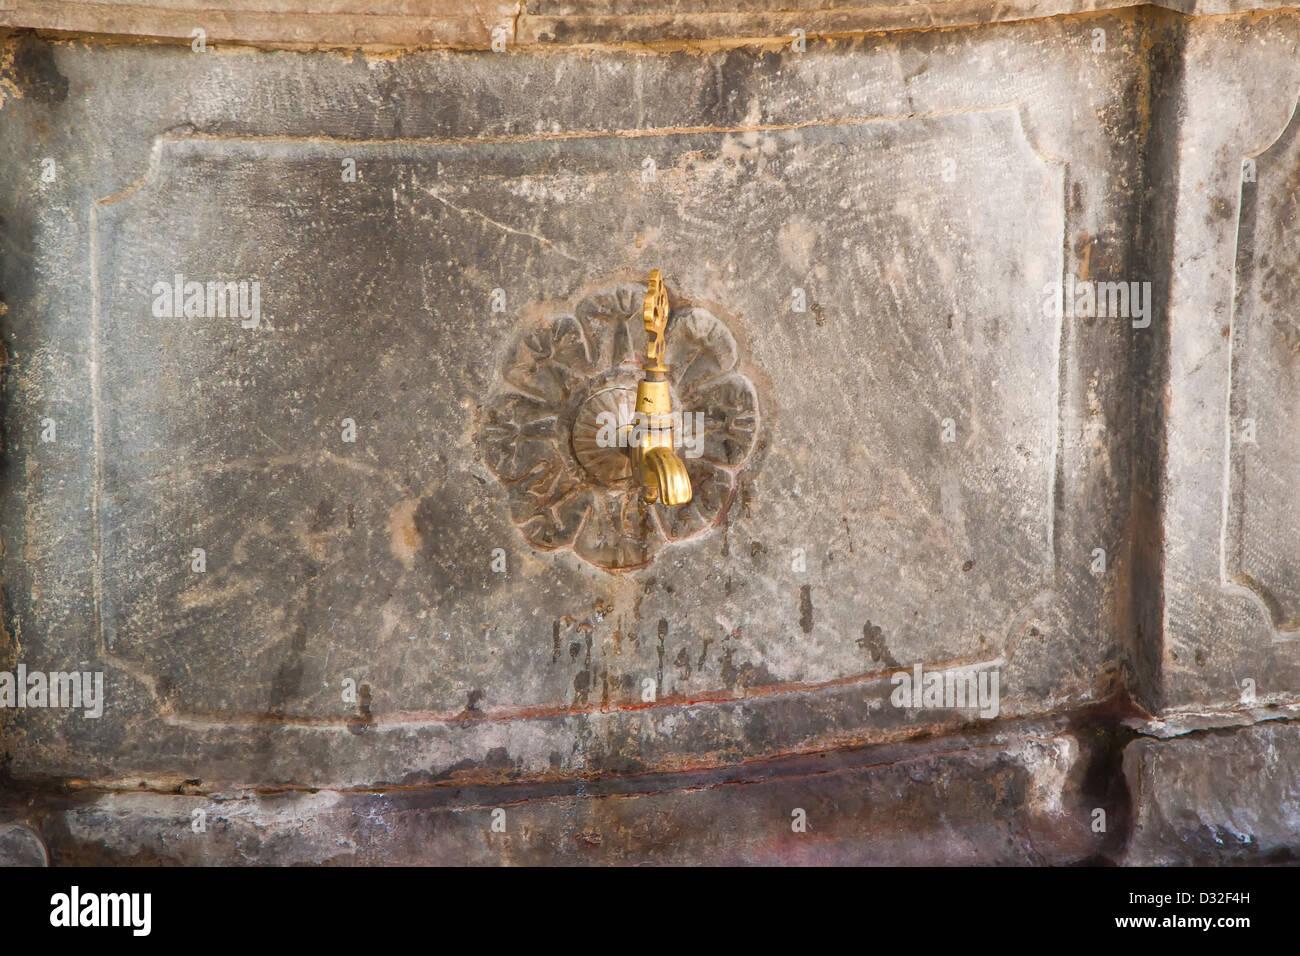 türkische alter wasserhahn stockfoto, bild: 53530865 - alamy